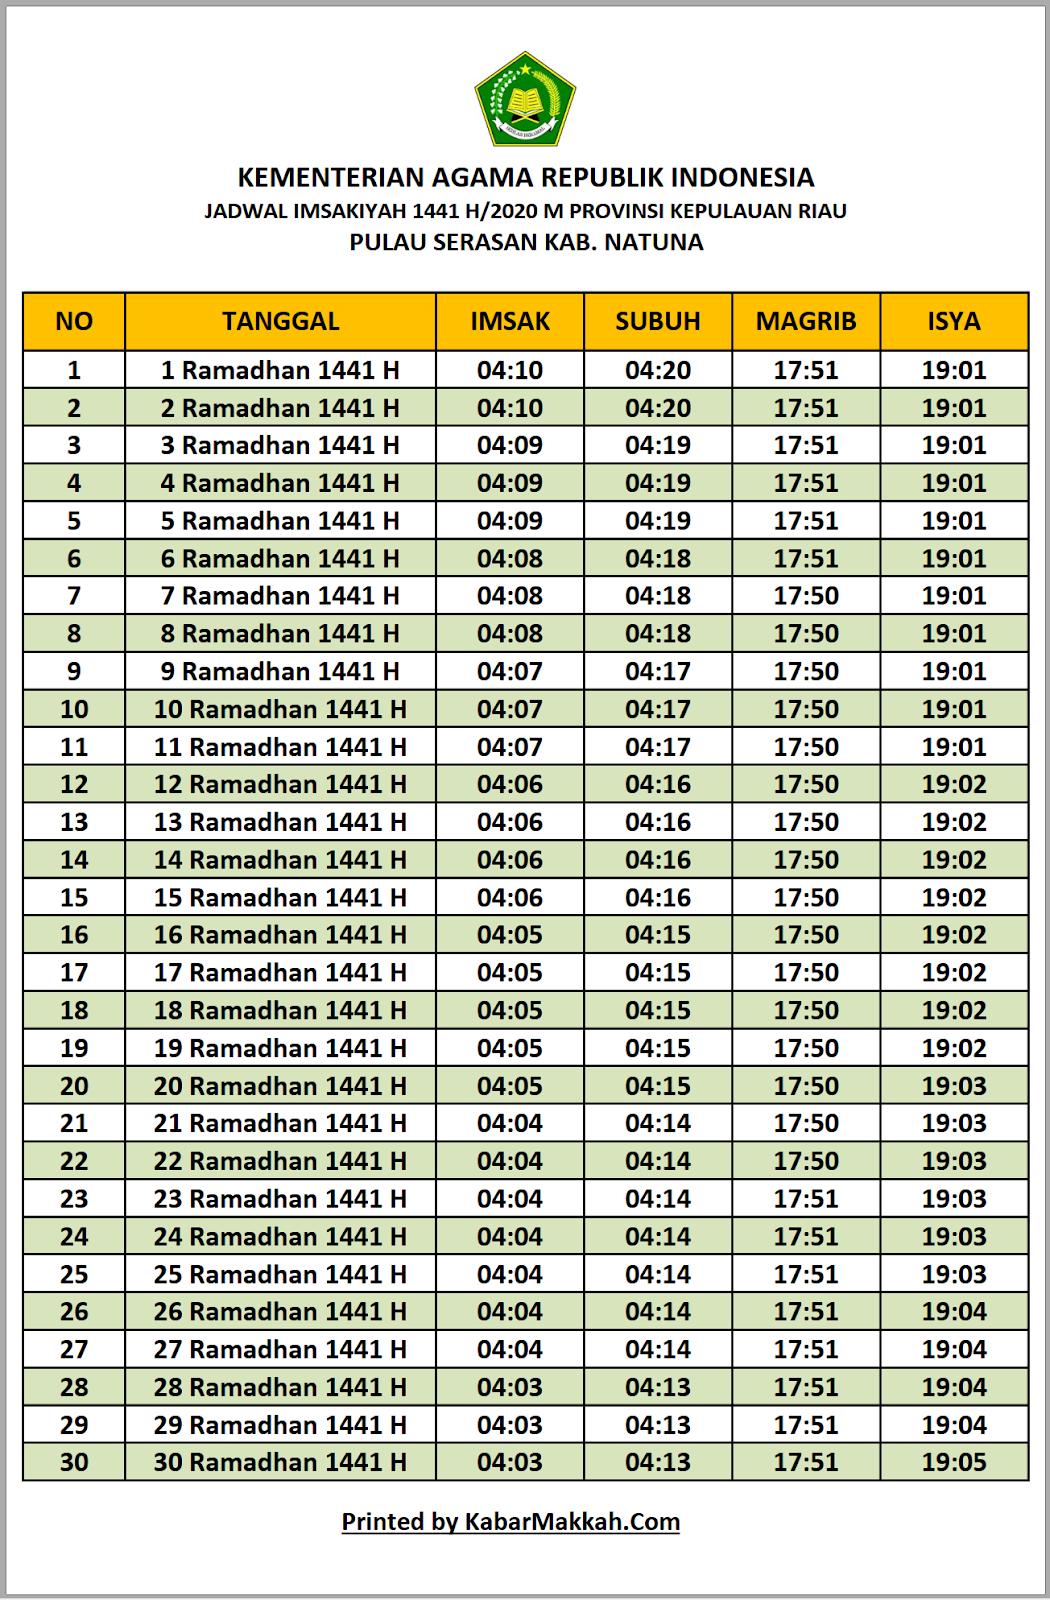 Jadwal Imsakiyah Pulau Serasan Kab. Natuna 2020